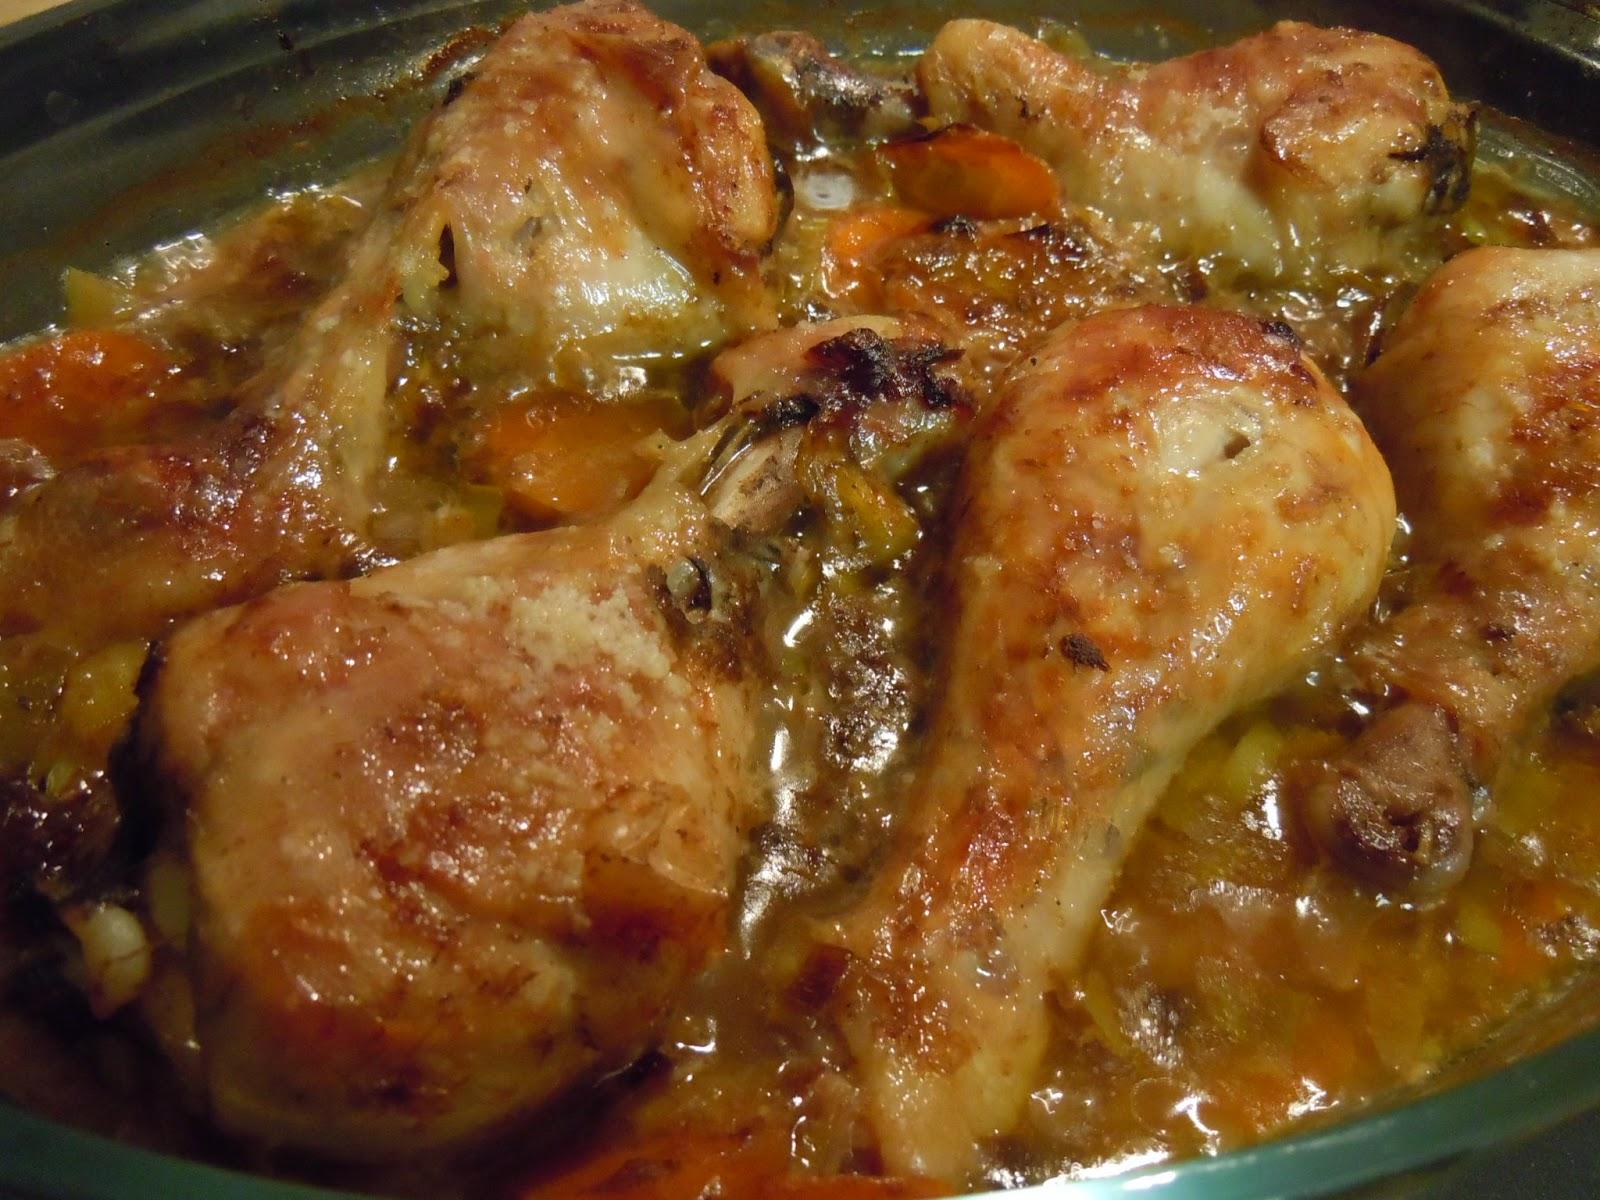 Pal vientre todo lo que entre muslos de pollo asados - Muslitos de pollo ...